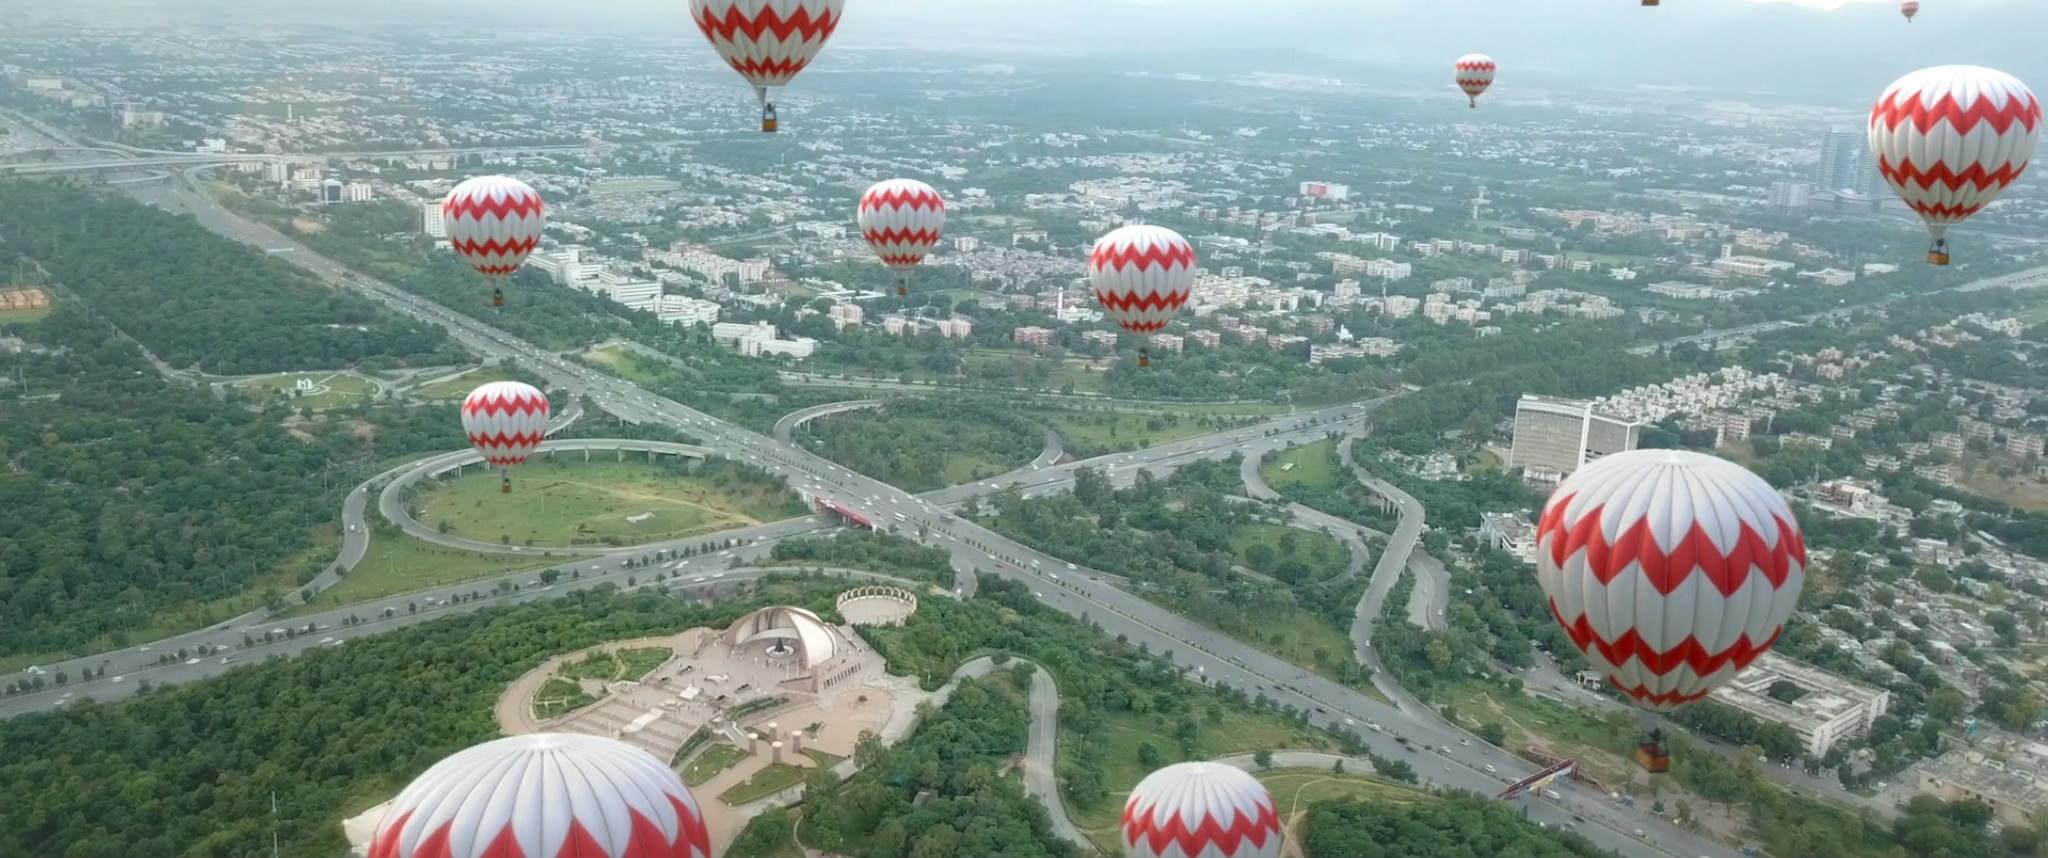 漂浮在空中的气球